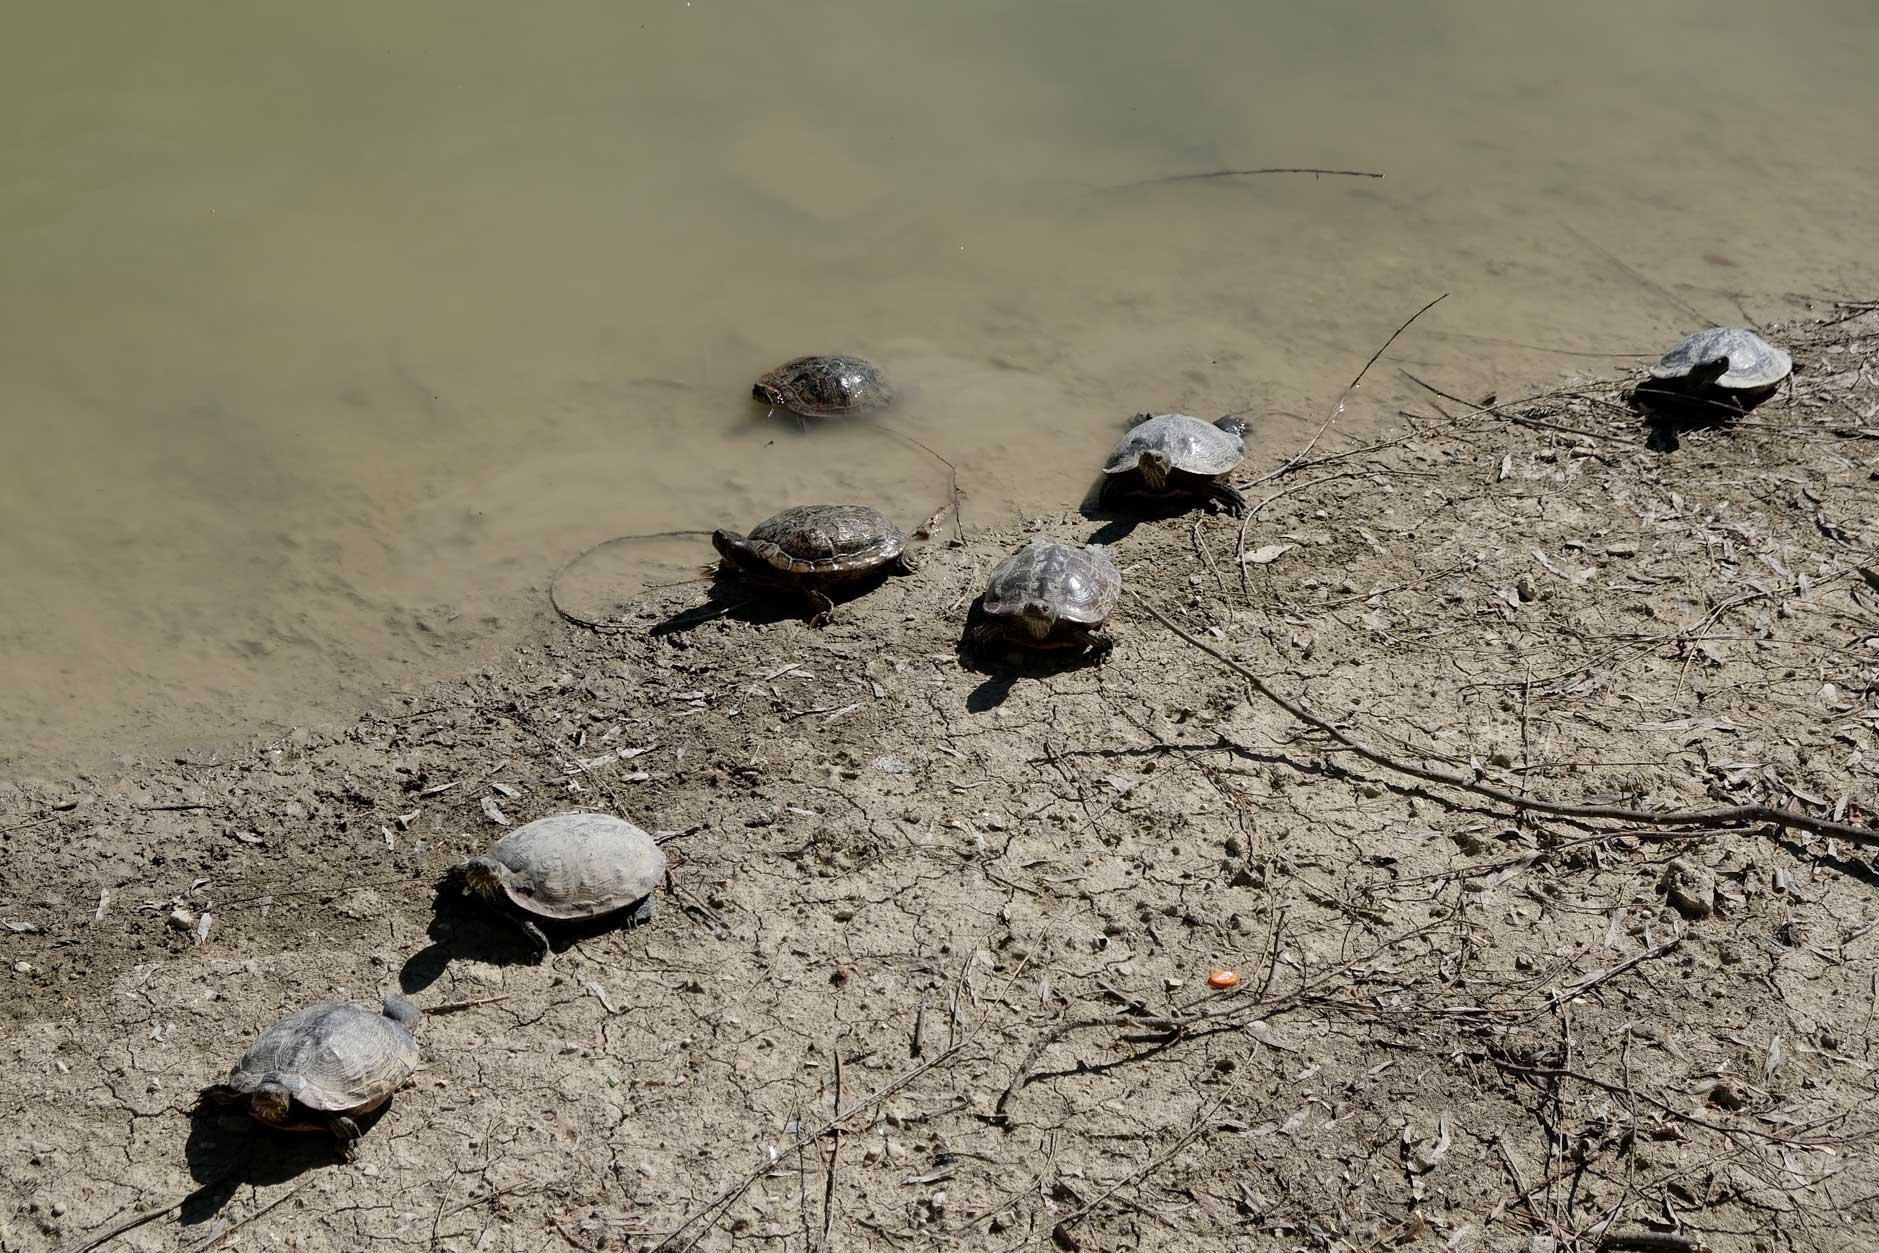 Schildkröten am Ufer eines Sees